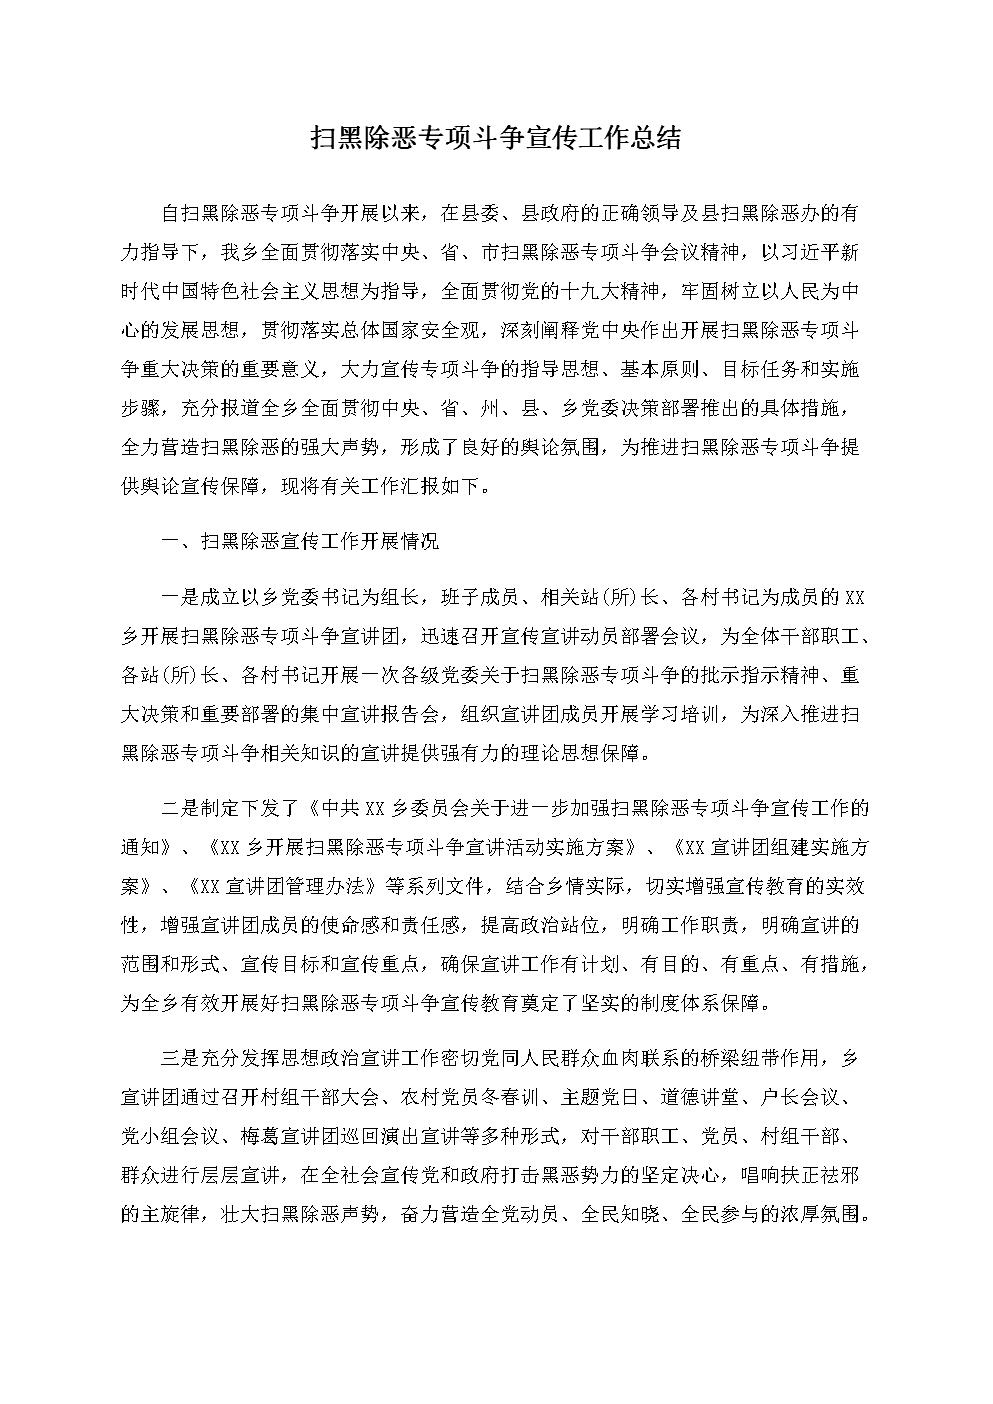 扫黑除恶专项斗争宣传工作总结.docx